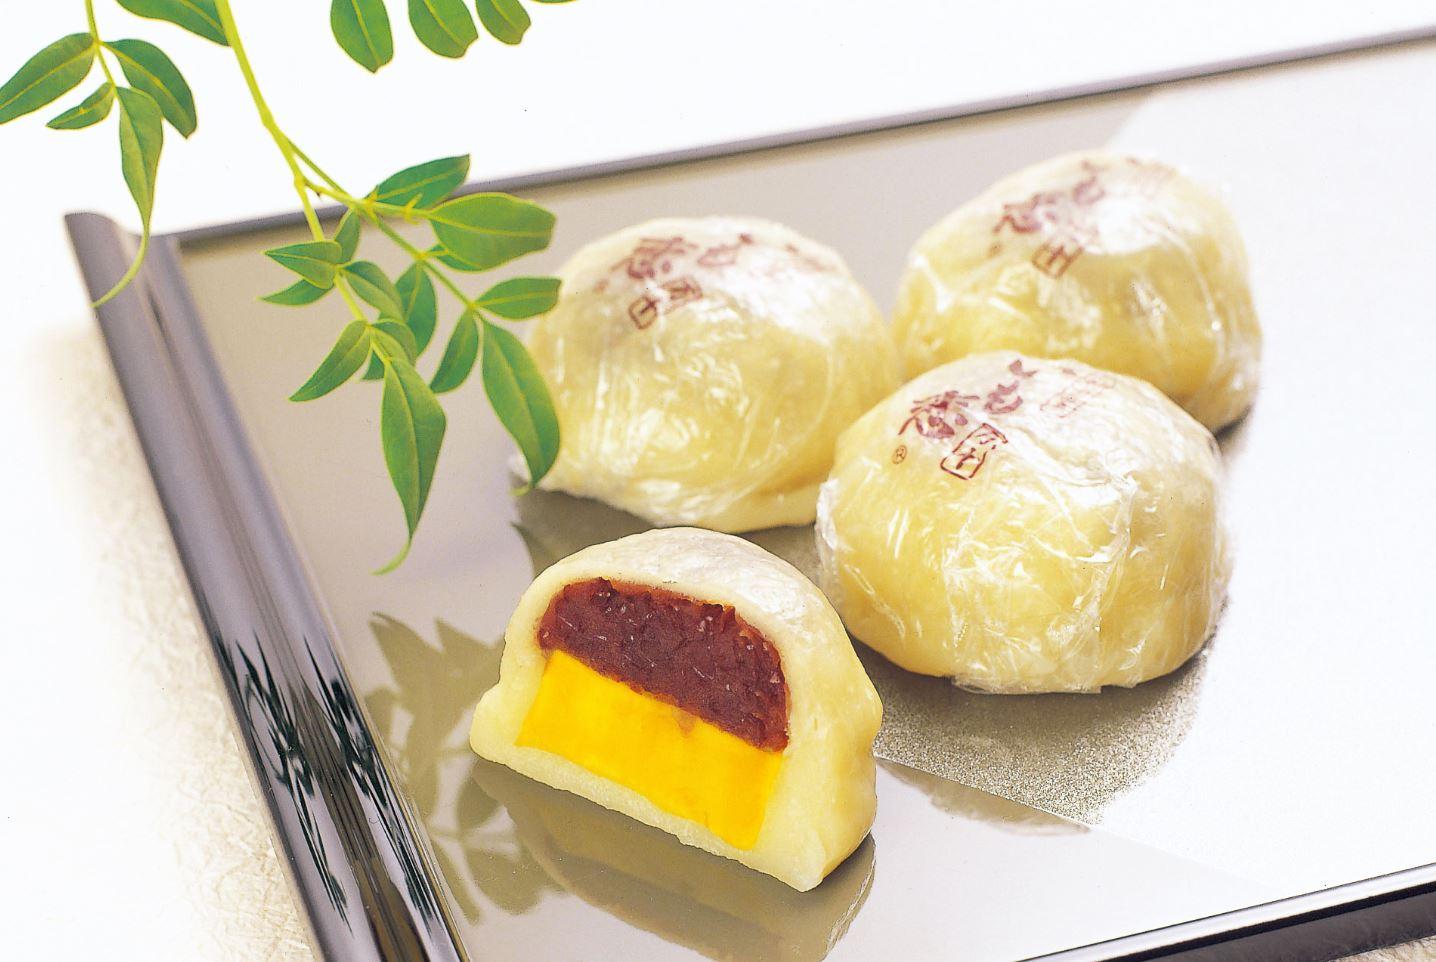 Imokoi Sweets, Kawagoe